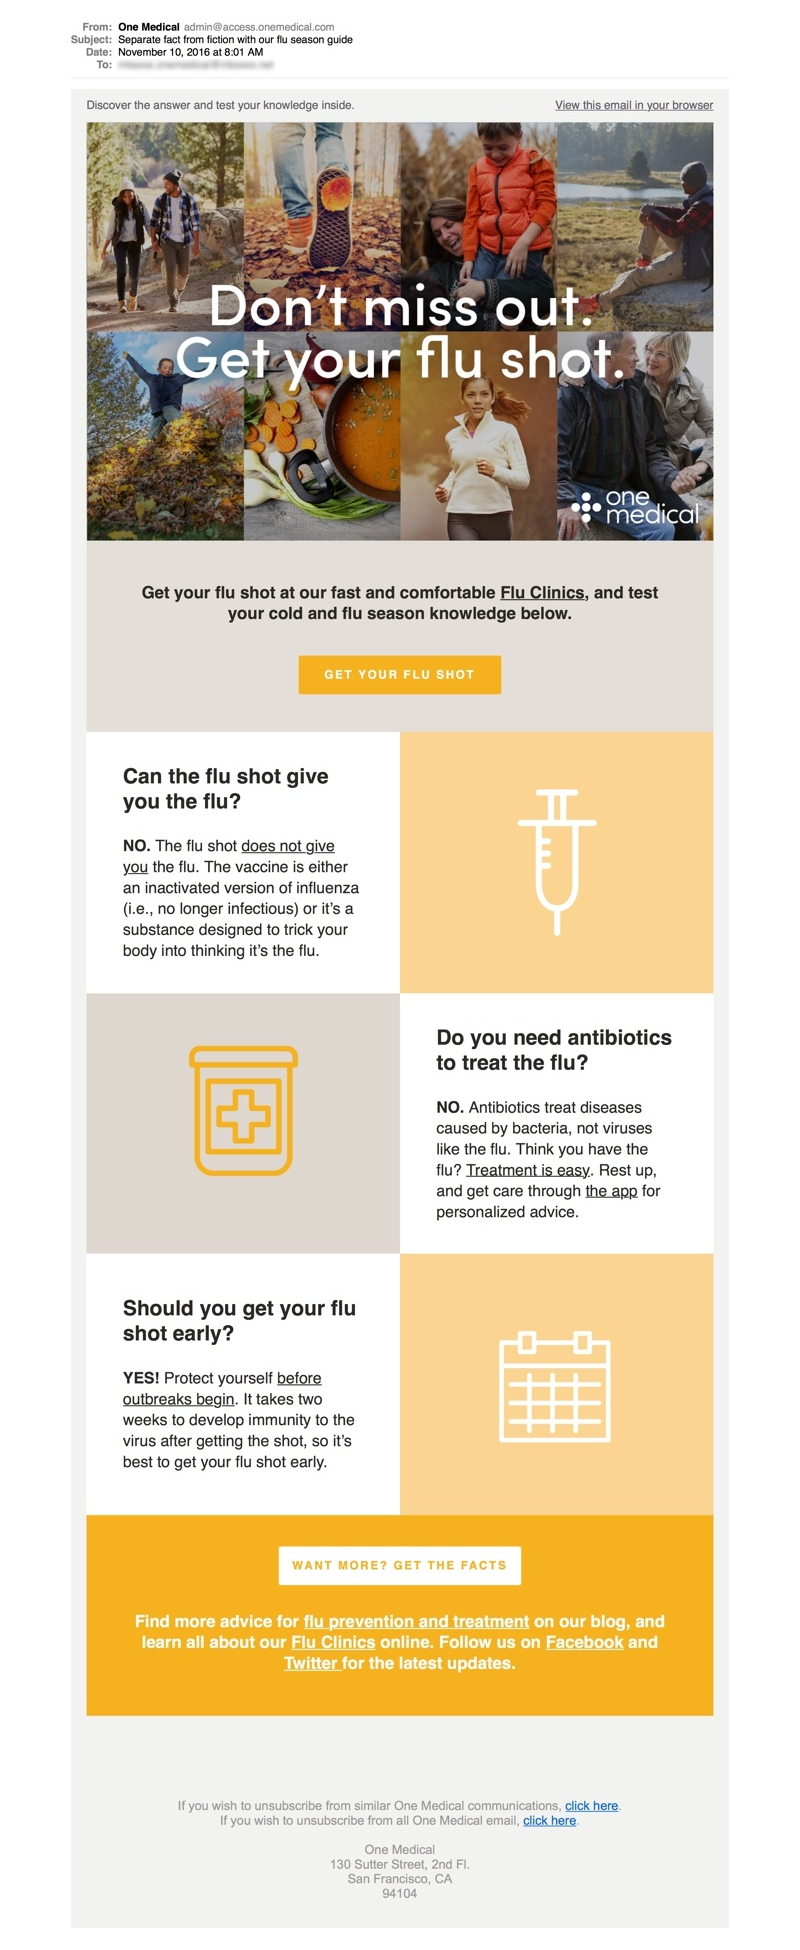 Email marketing en el sector de la salud. Piezas educativas